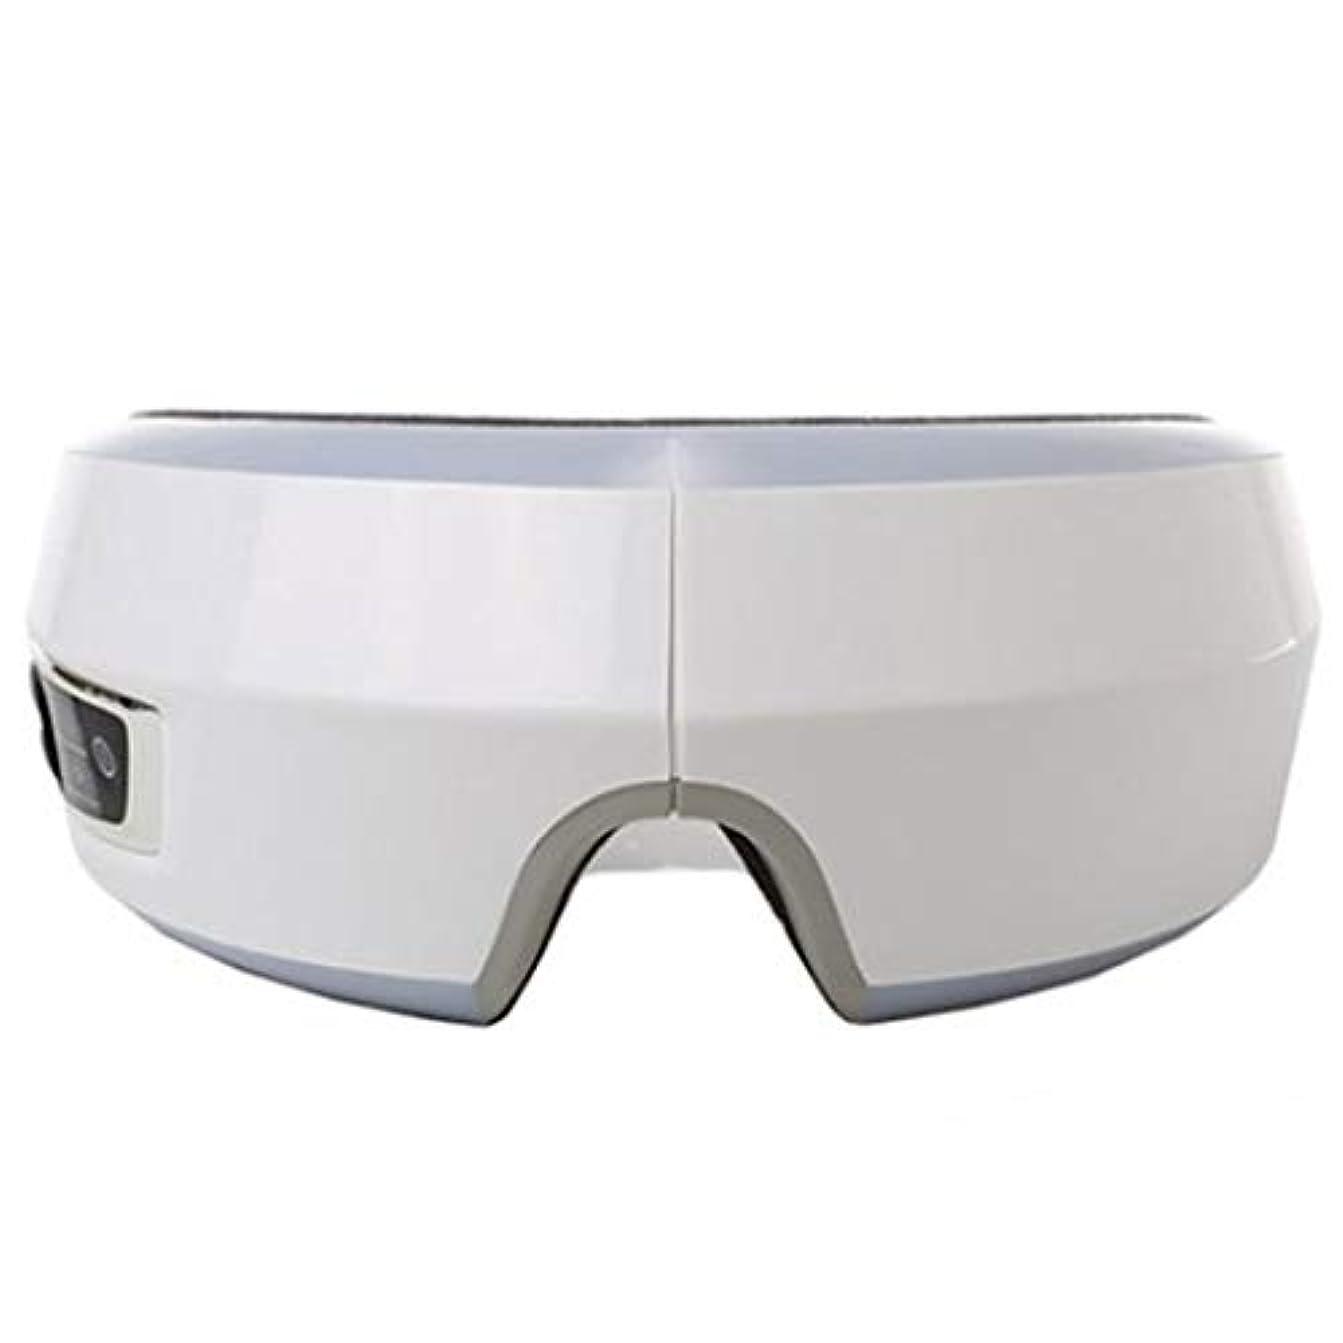 非難するクリーク押し下げるZESPAアイヒーリングソリューションアイマッサージャー振動加熱マッサージ音楽機能ZP441 ZESPA Eye Healing Solution Eye Massager Vibration Heating Massage...